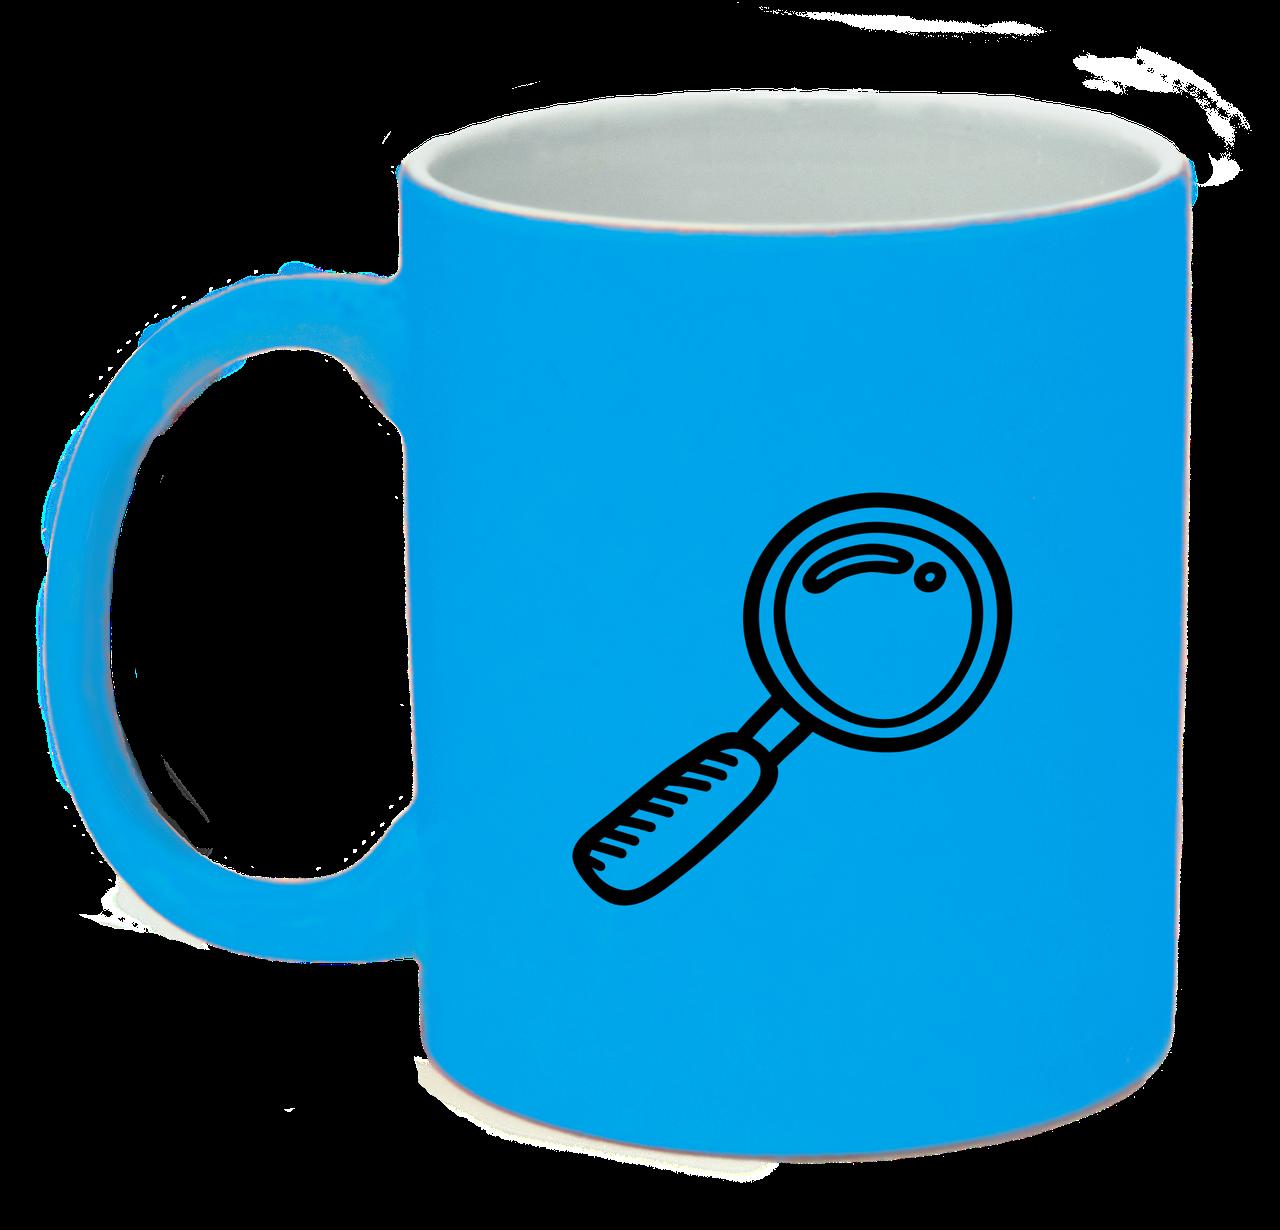 Неоновая матовая чашка Исследователь, ярко-голубая